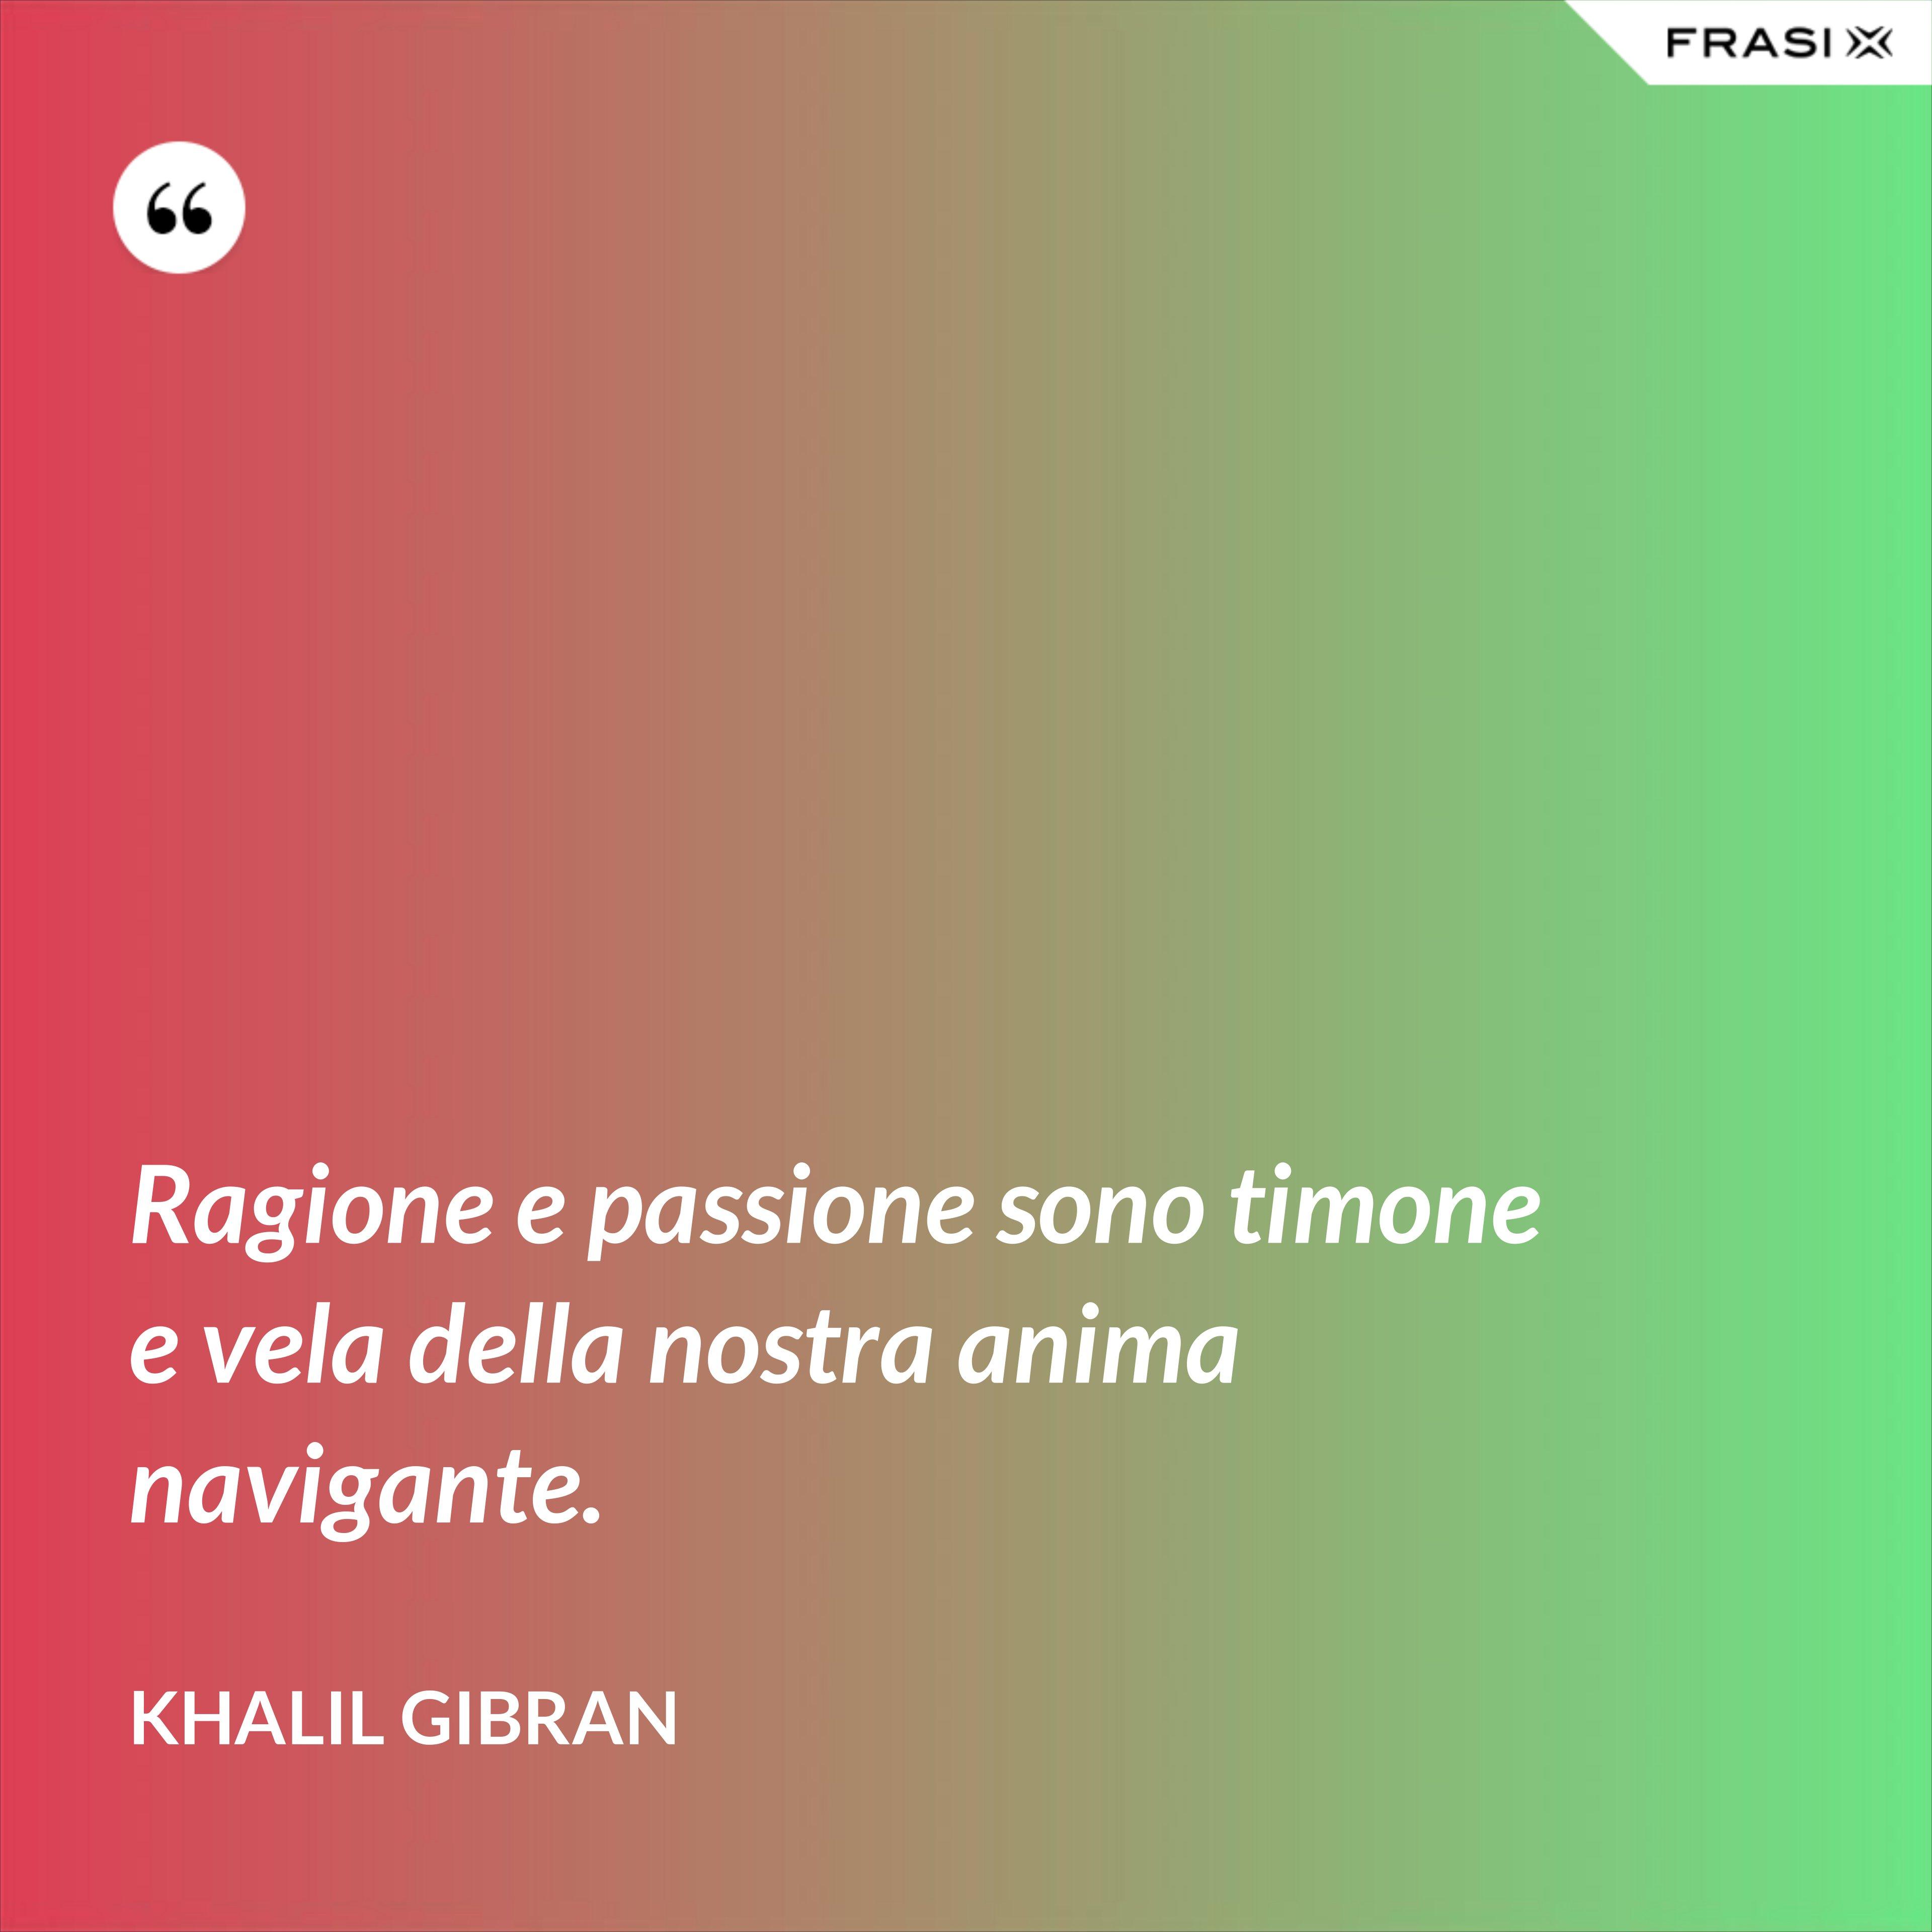 Ragione e passione sono timone e vela della nostra anima navigante. - Khalil Gibran